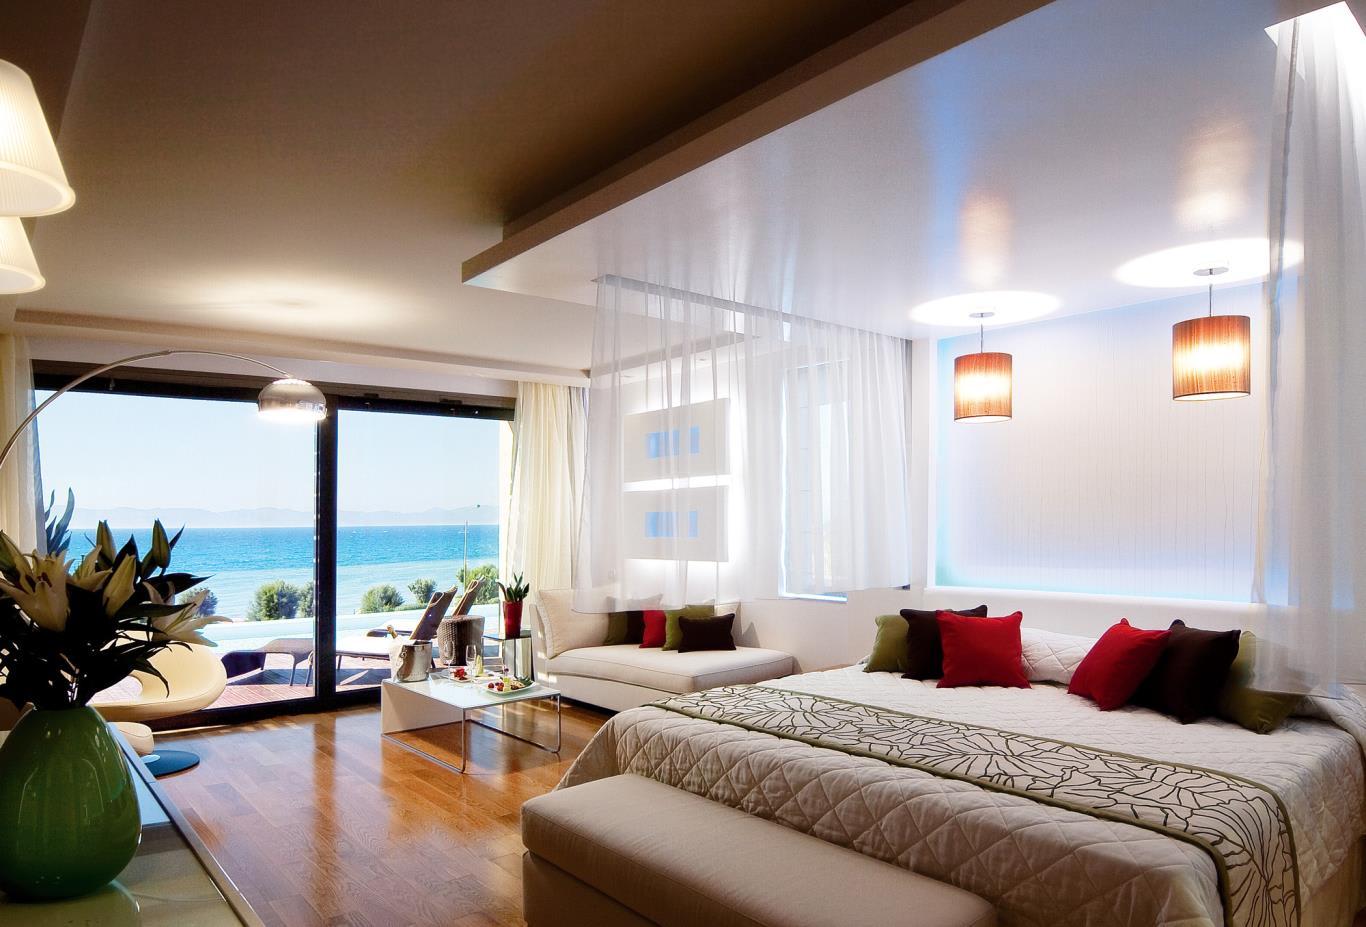 Presidential-Suite-bedroom